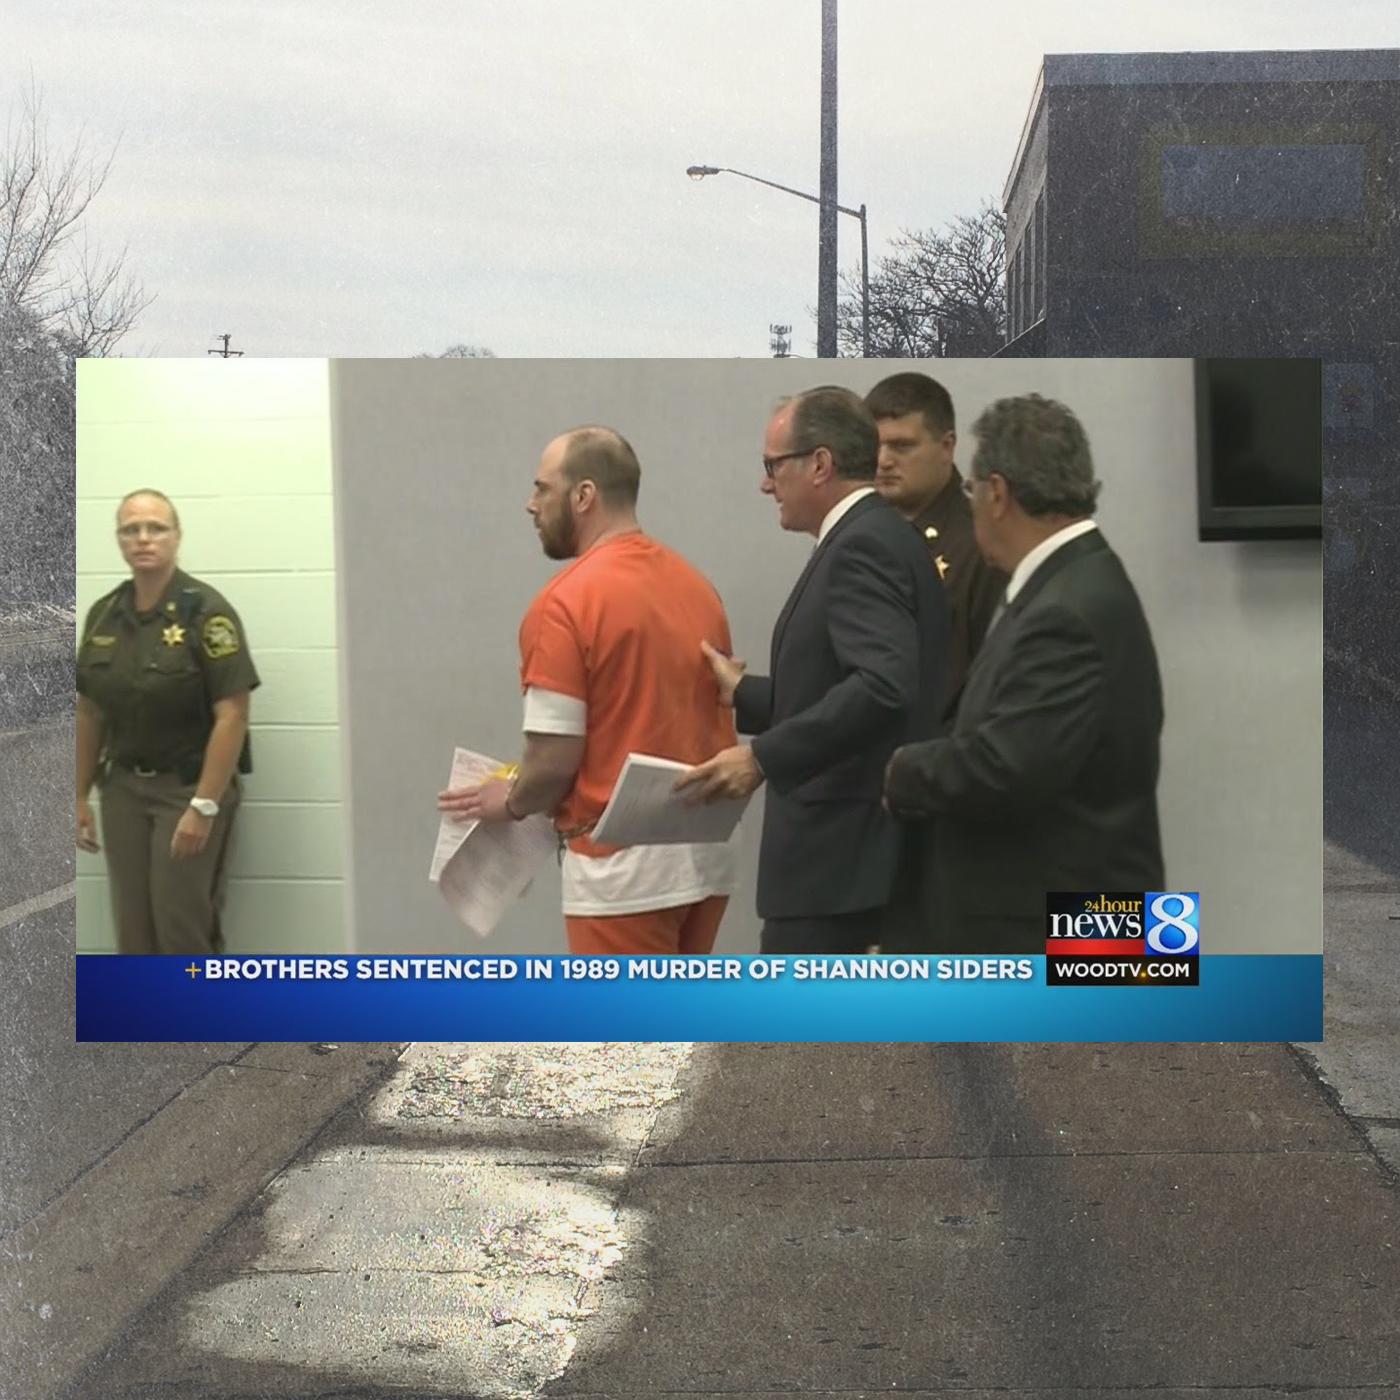 Jones brothers sentenced